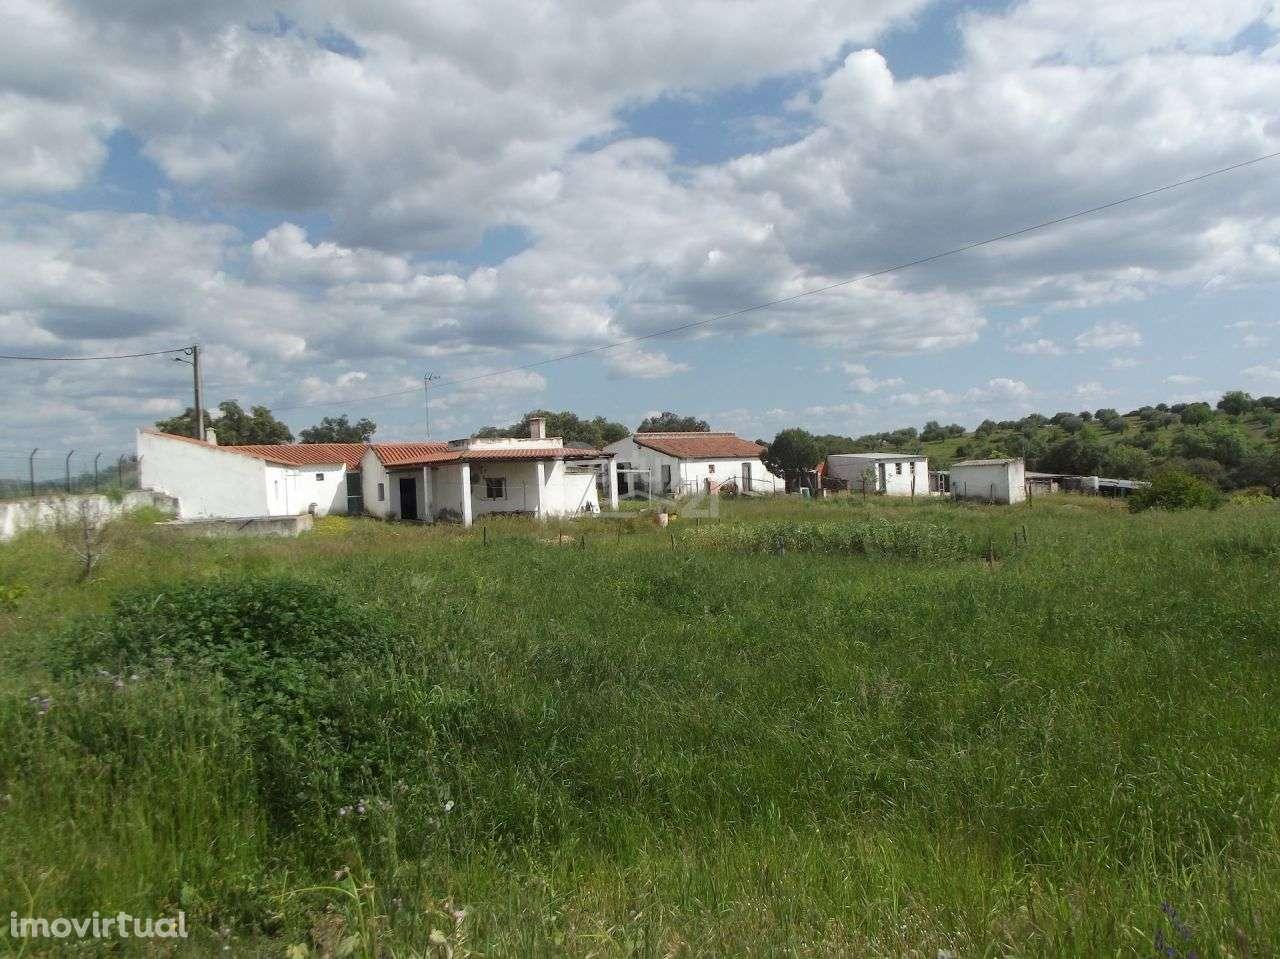 Quintas e herdades para comprar, Vila Nova de São Bento e Vale de Vargo, Serpa, Beja - Foto 2